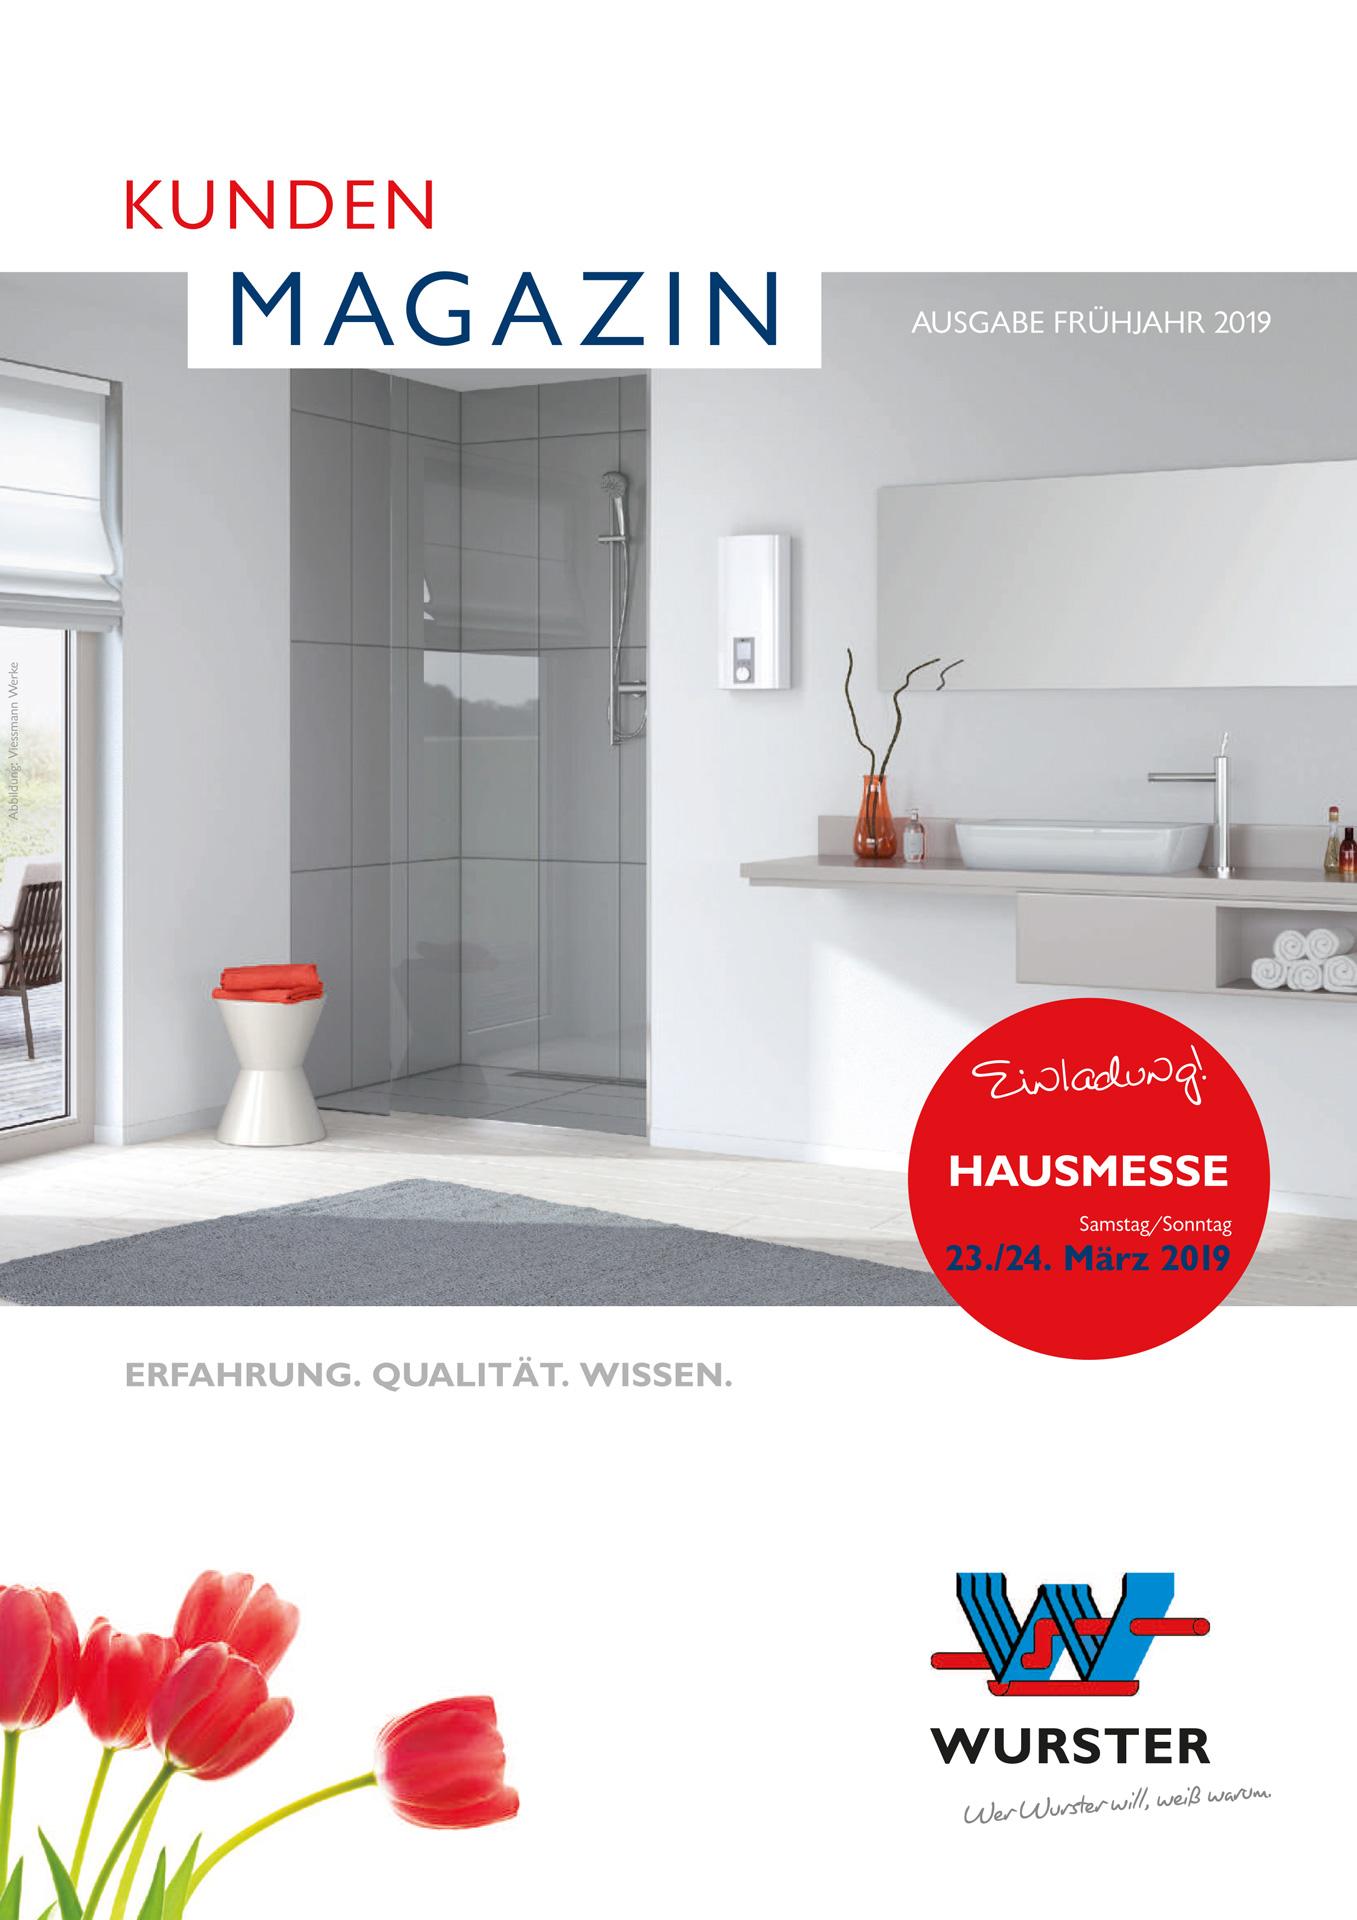 Kundenmagazin_Fruehjahr_2019